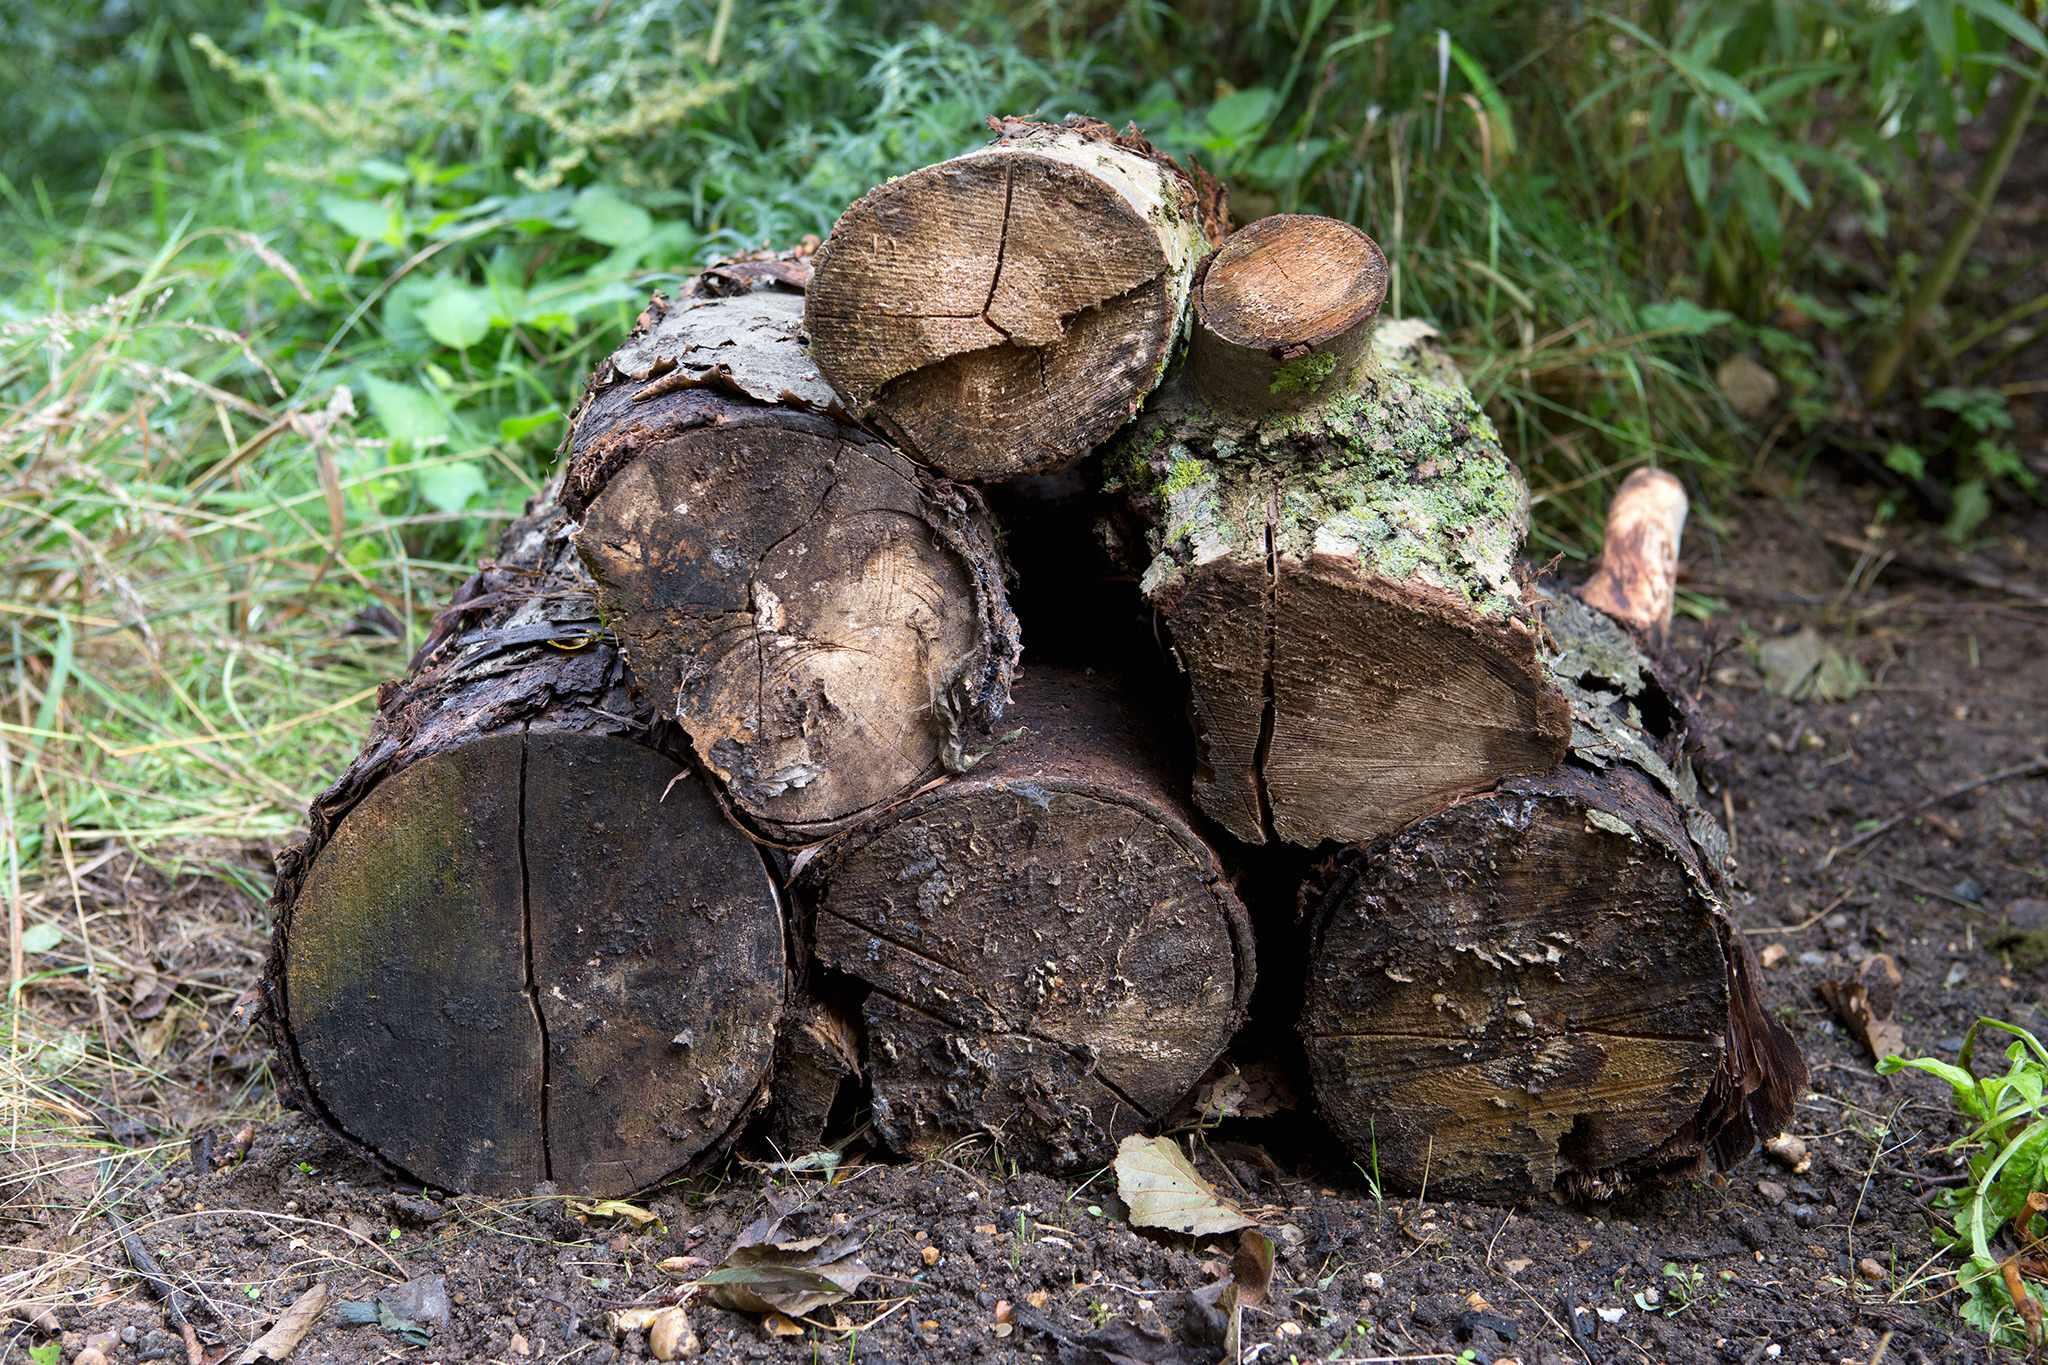 A log pile dead wood wildlife habitat